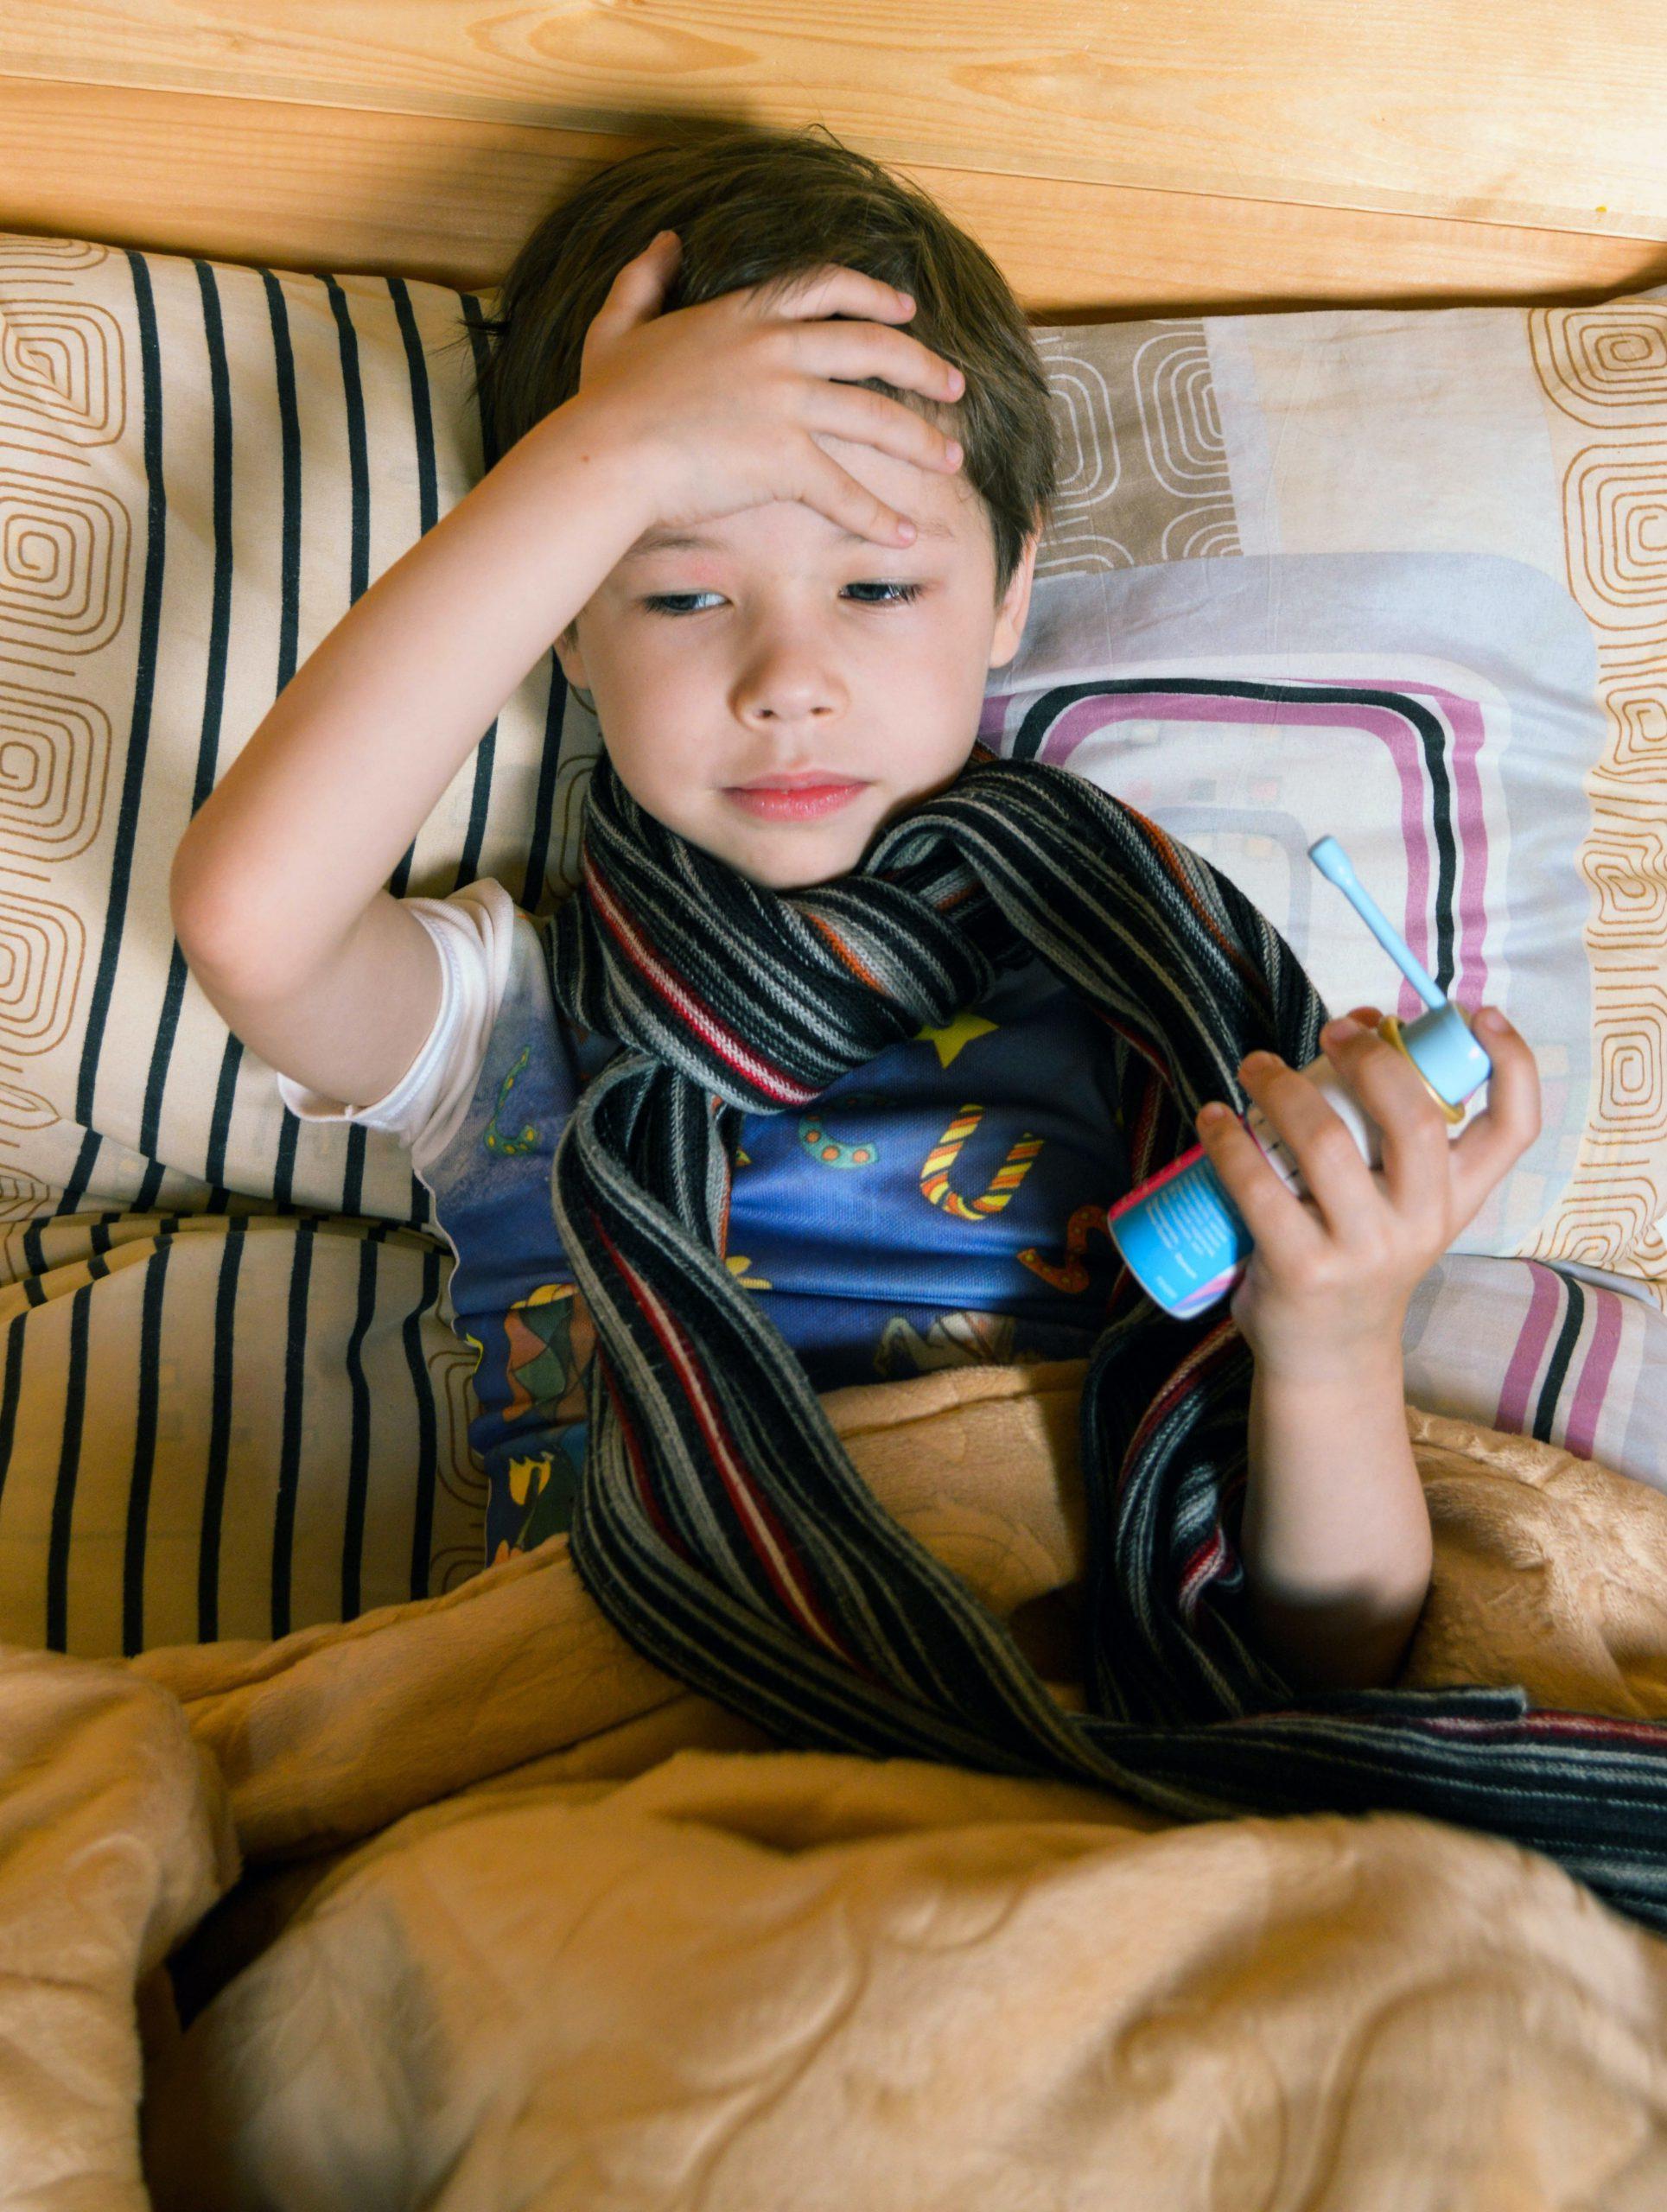 Trucos para curar golpes en la cabeza de bebés